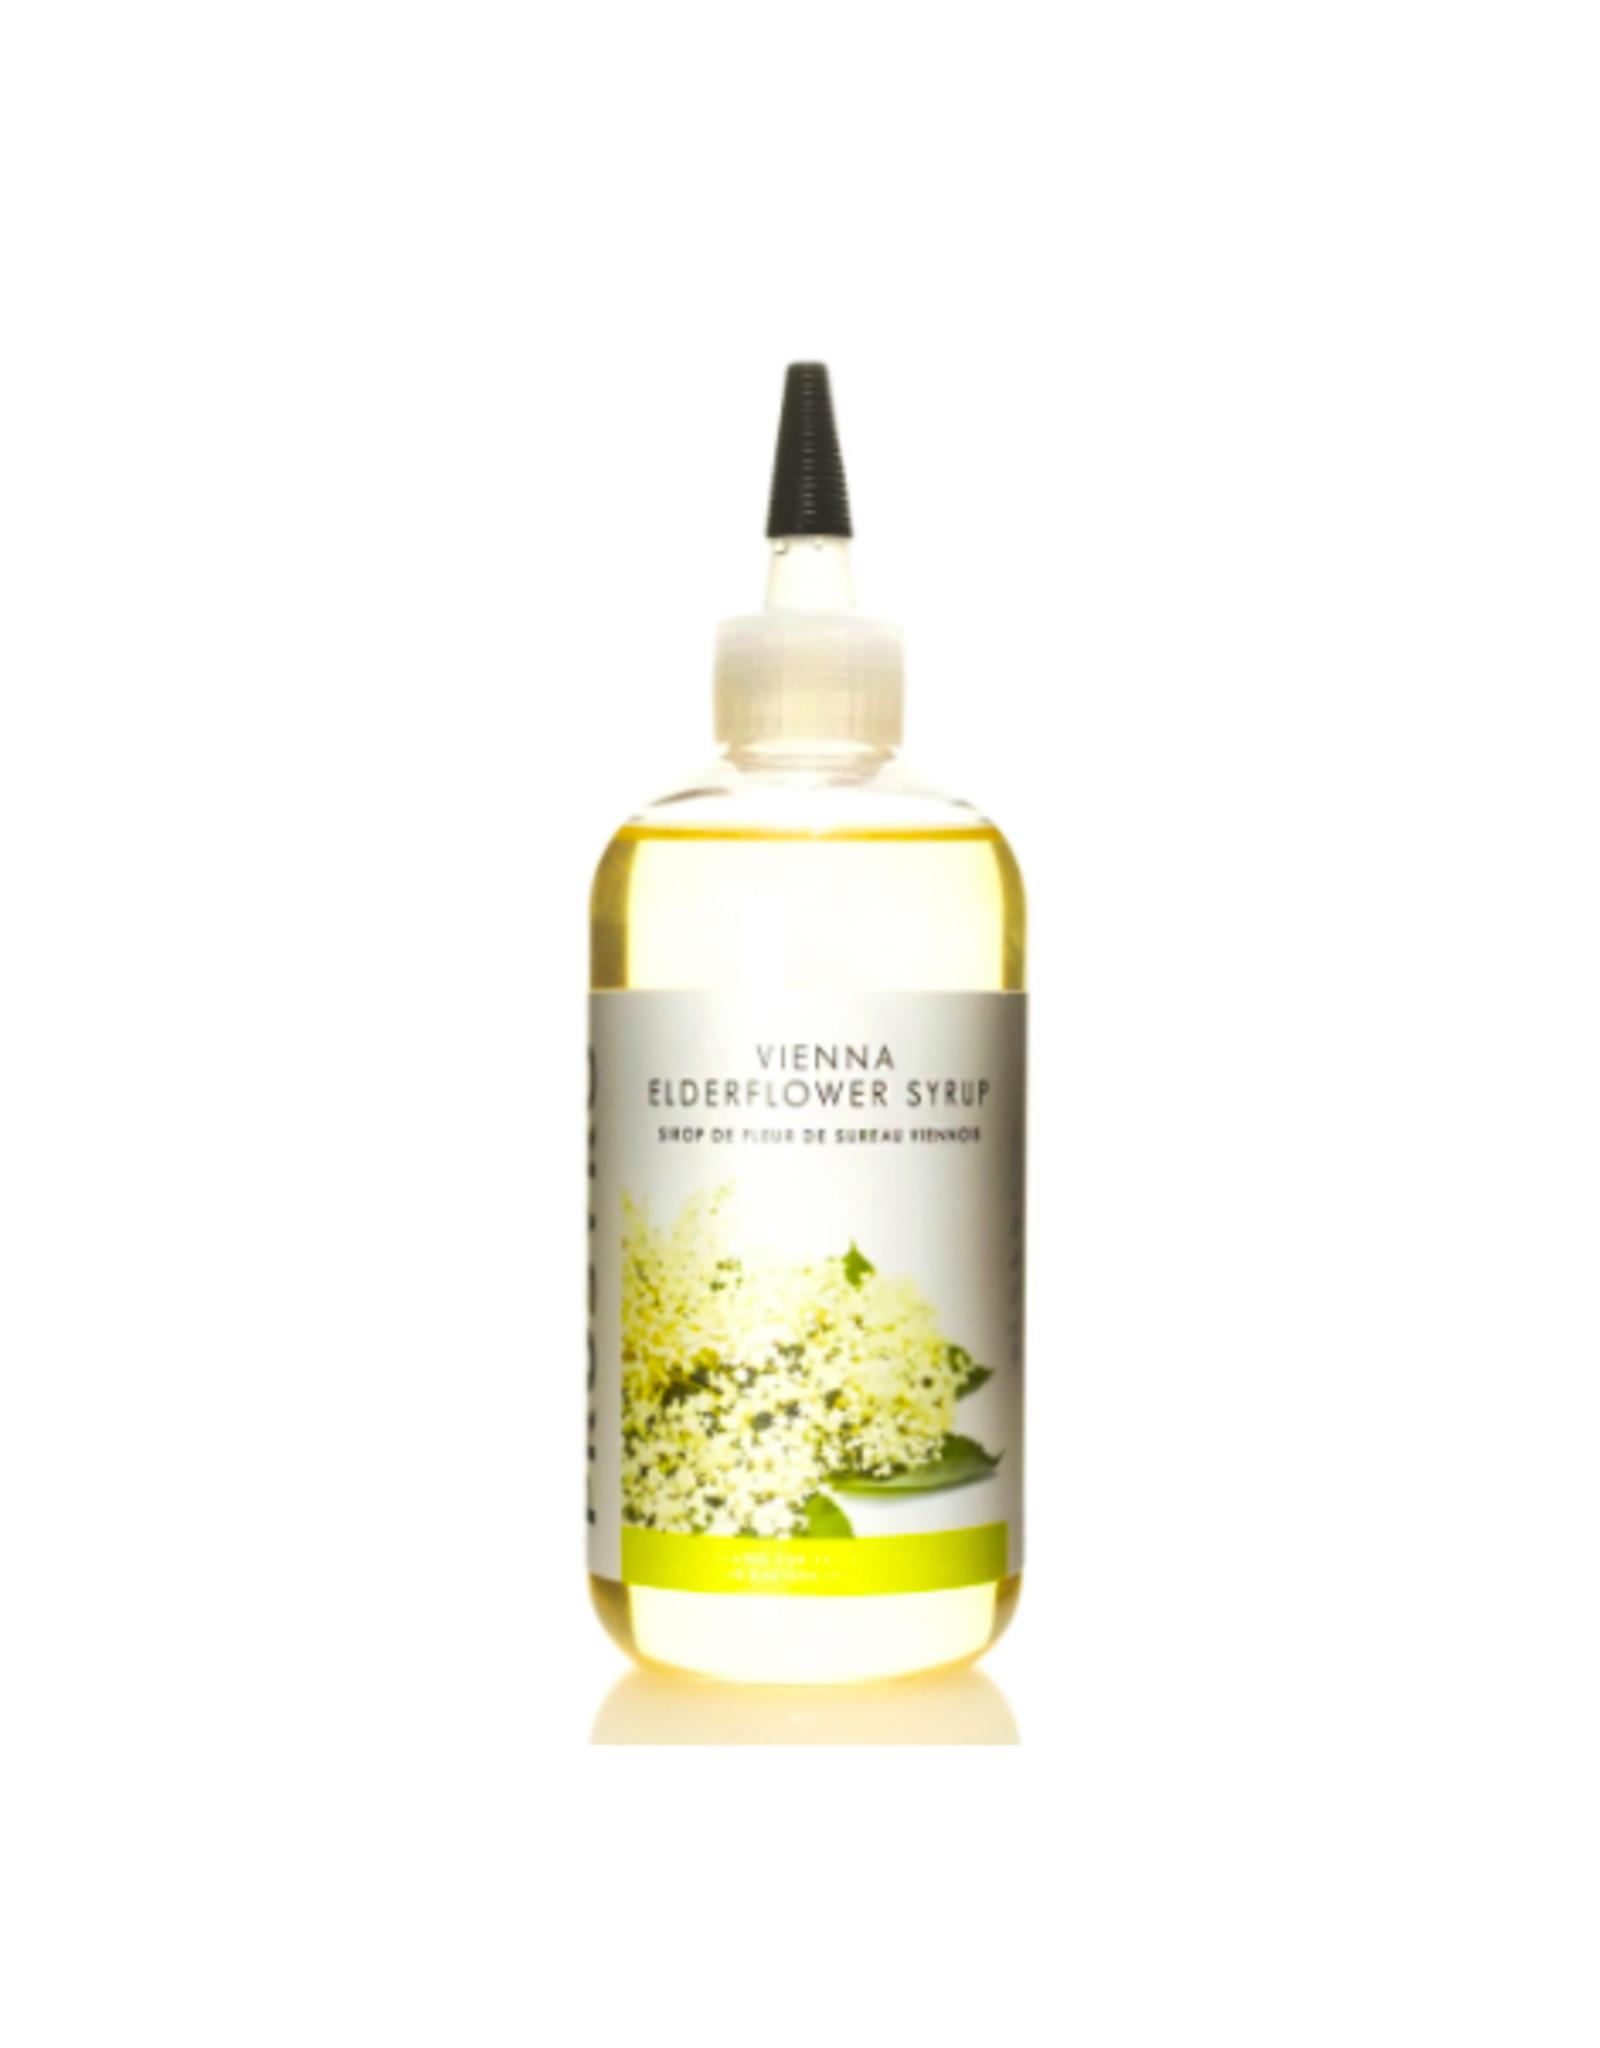 JMI - Prosyro  Syrup/Viennese Elderflower, 340ml